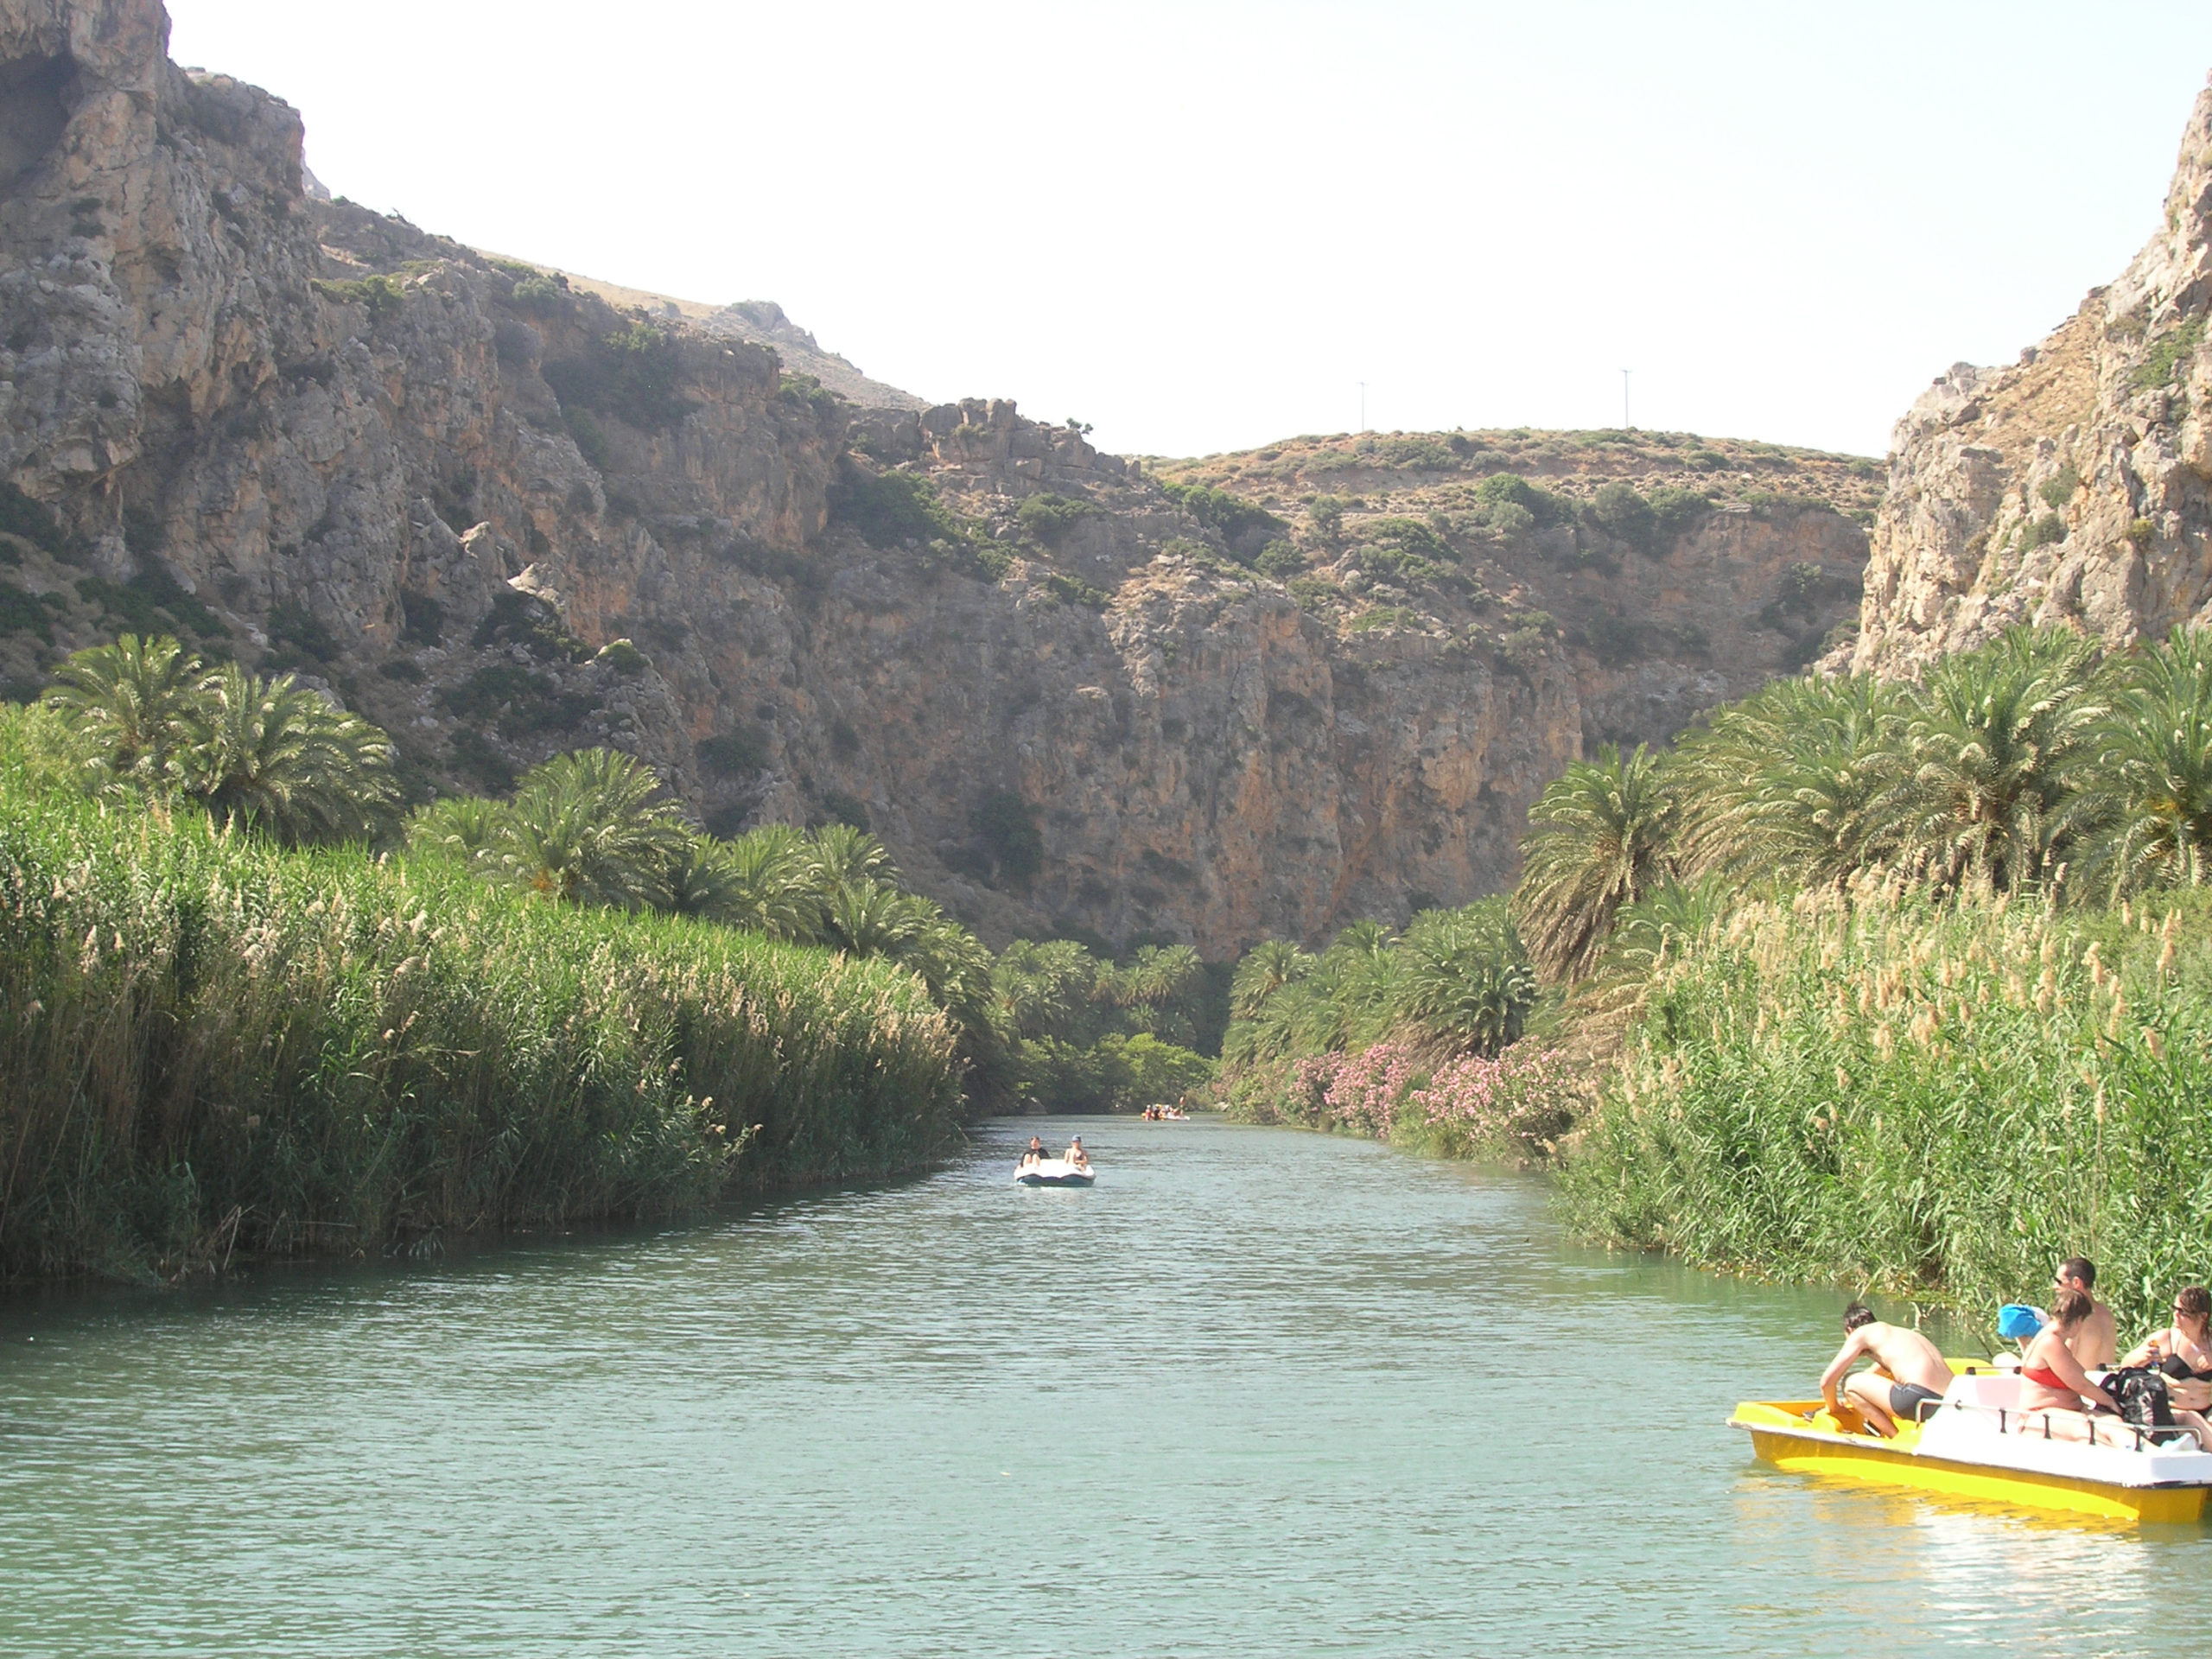 Rowerki wodne na rzece wśród skał